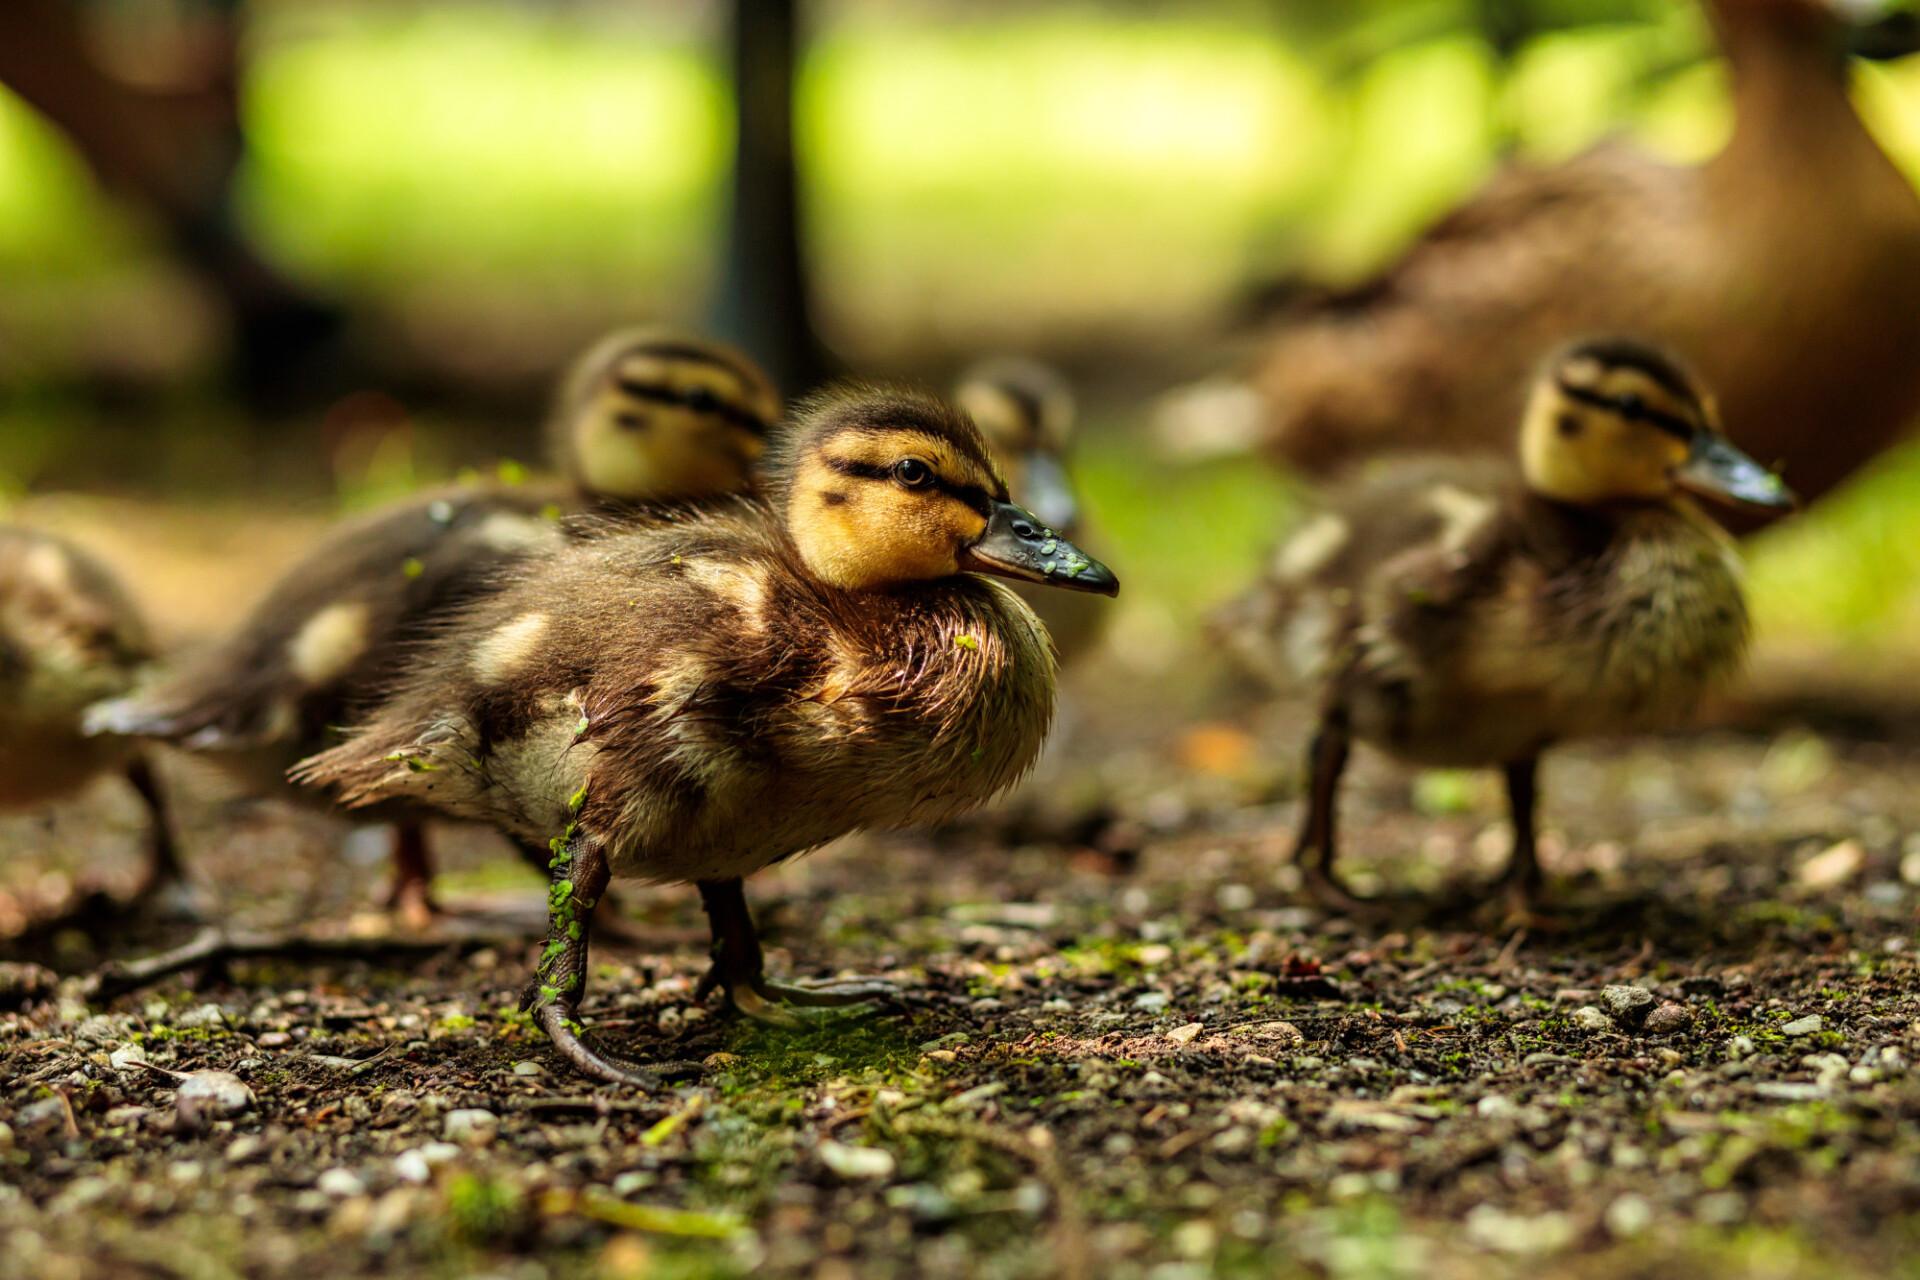 Beautiful cute little duckling